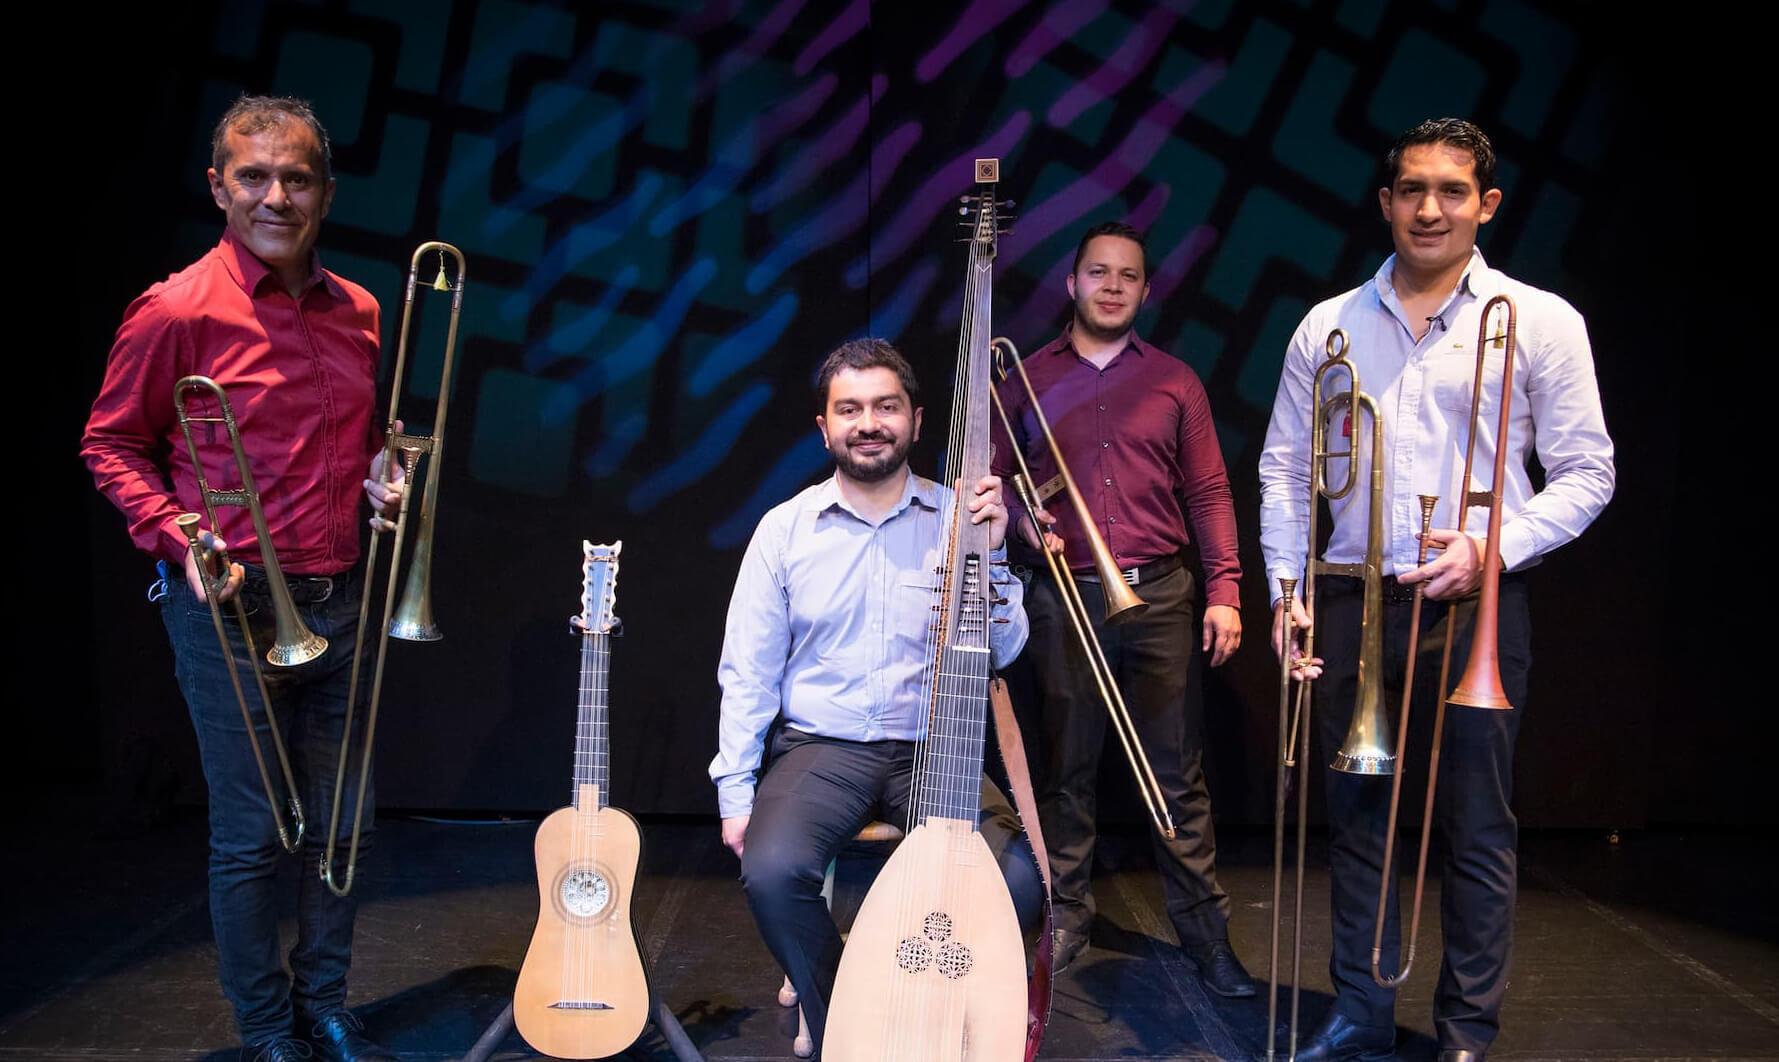 Ministriles de la Nueva Granada, Colombia